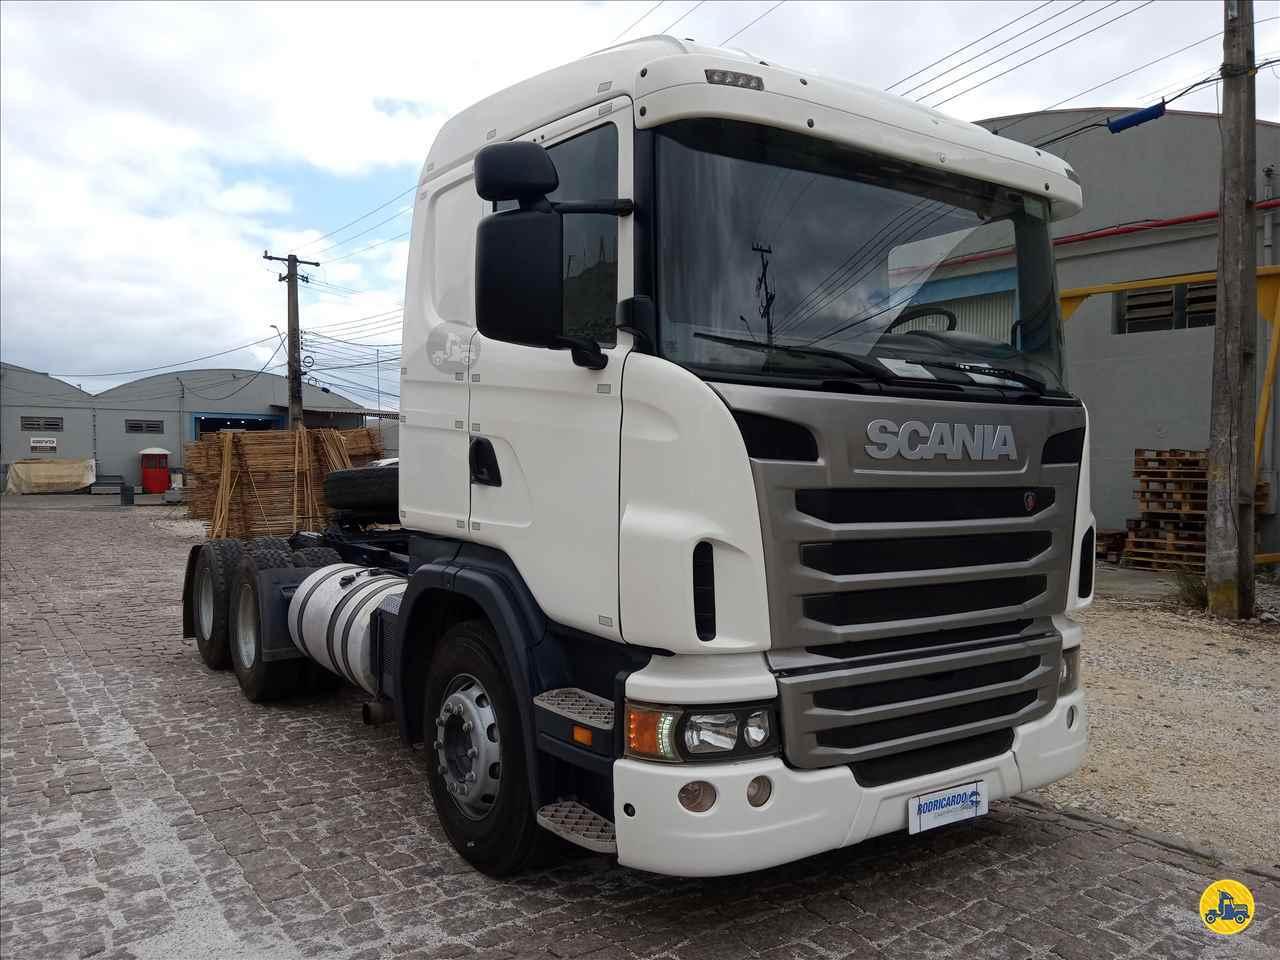 SCANIA SCANIA 420 836000km 2011/2011 Rodricardo Caminhões